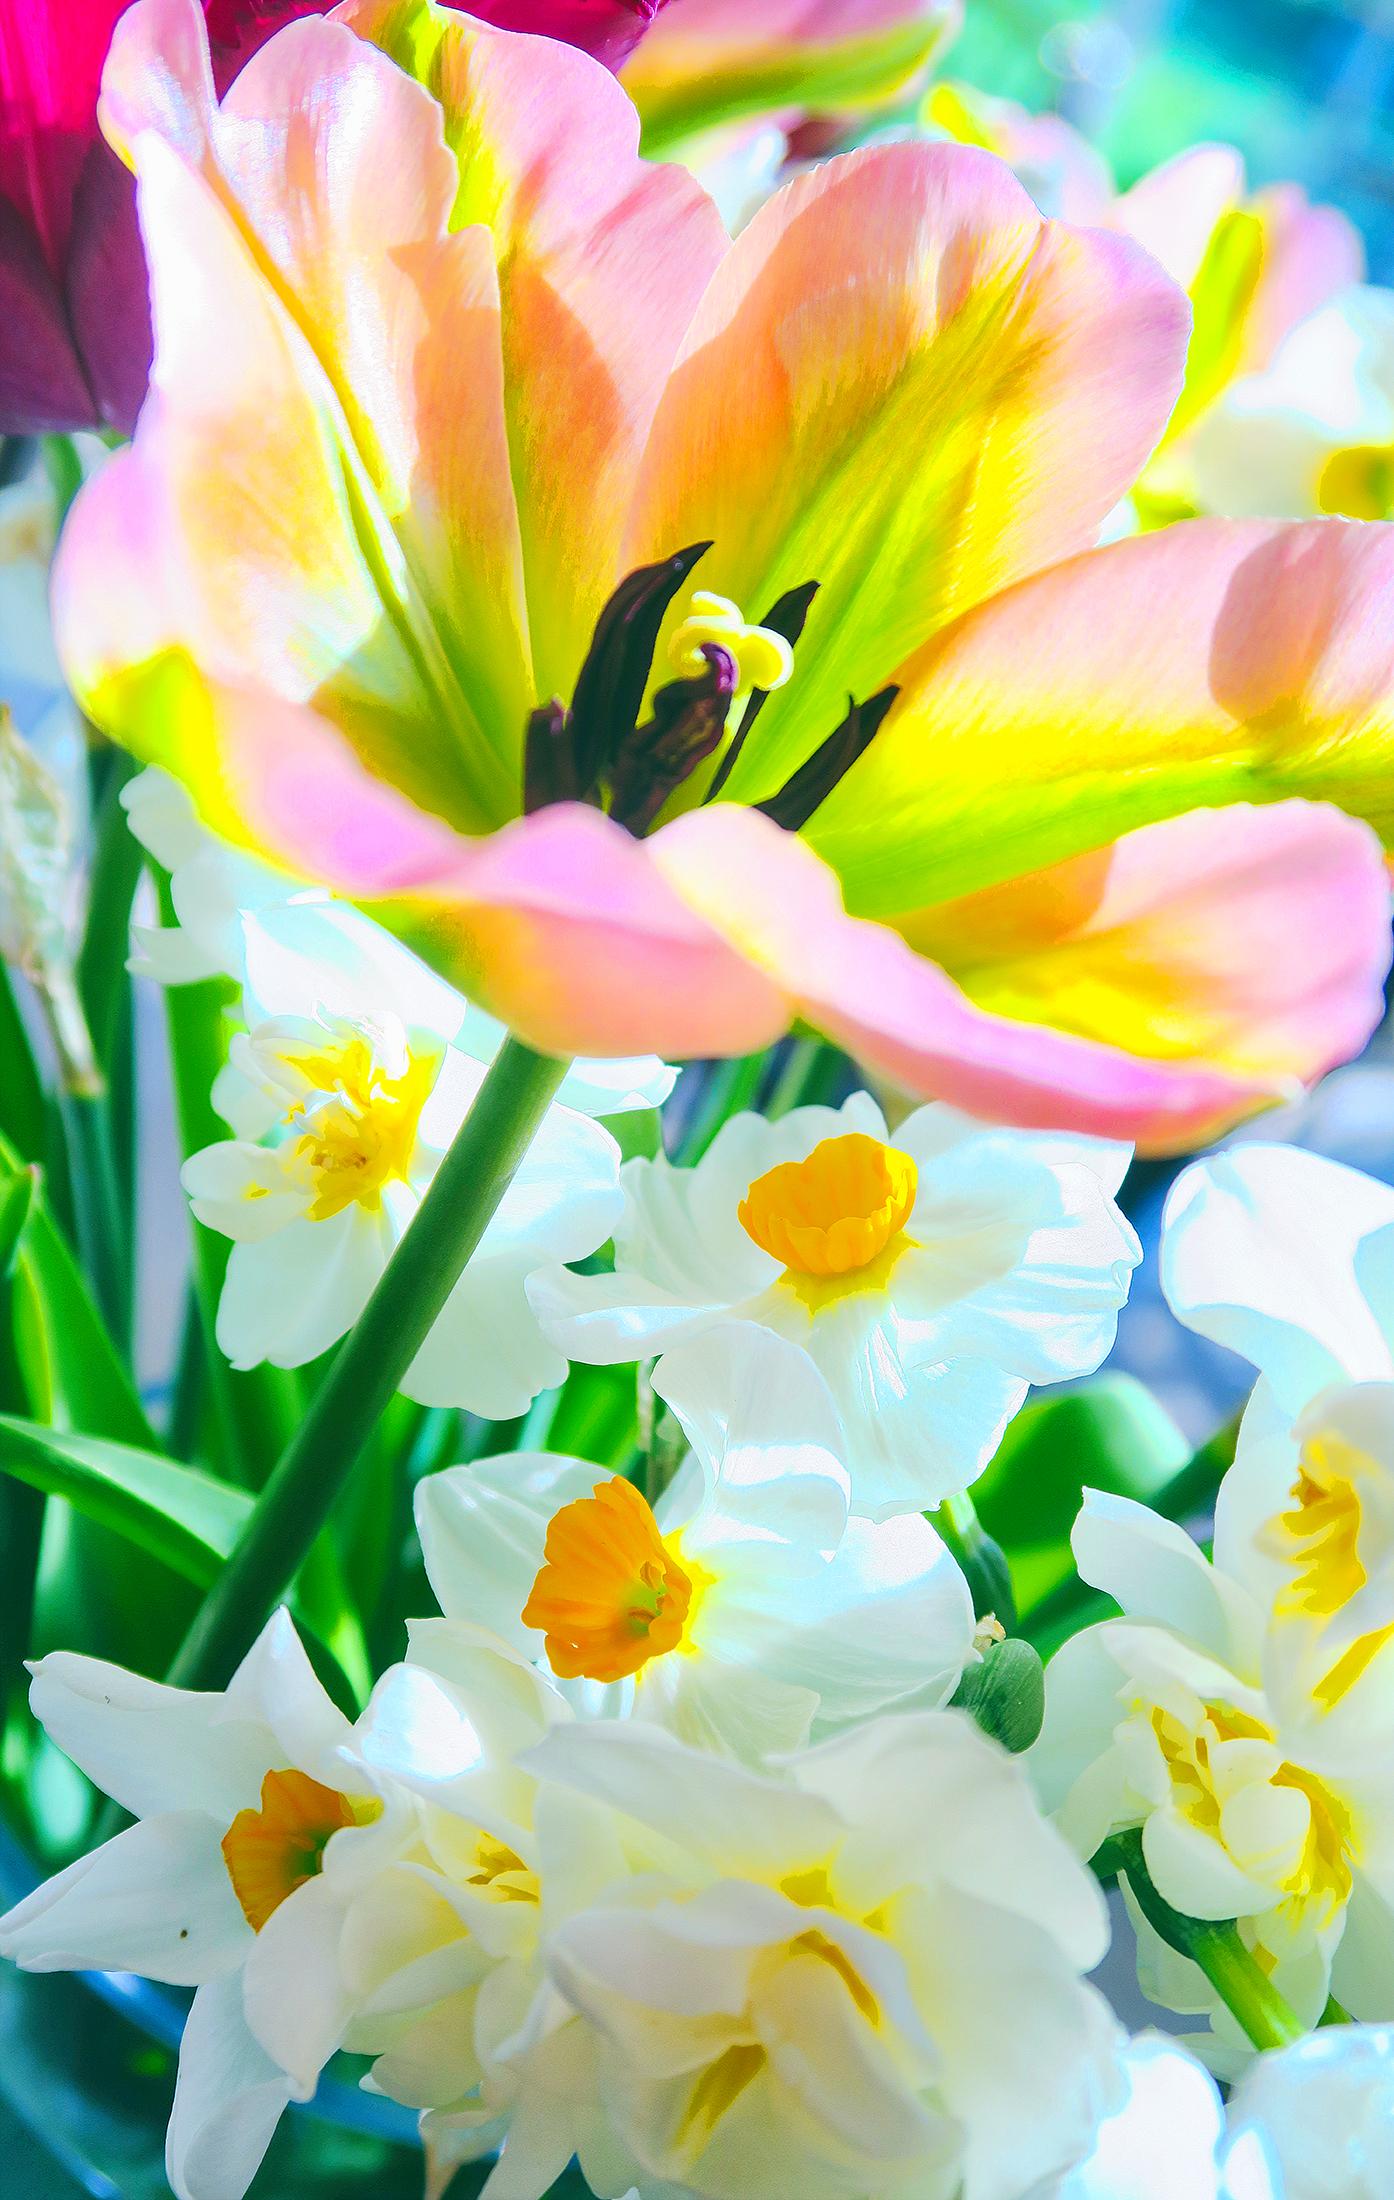 Easter Flowers Resized.JPG